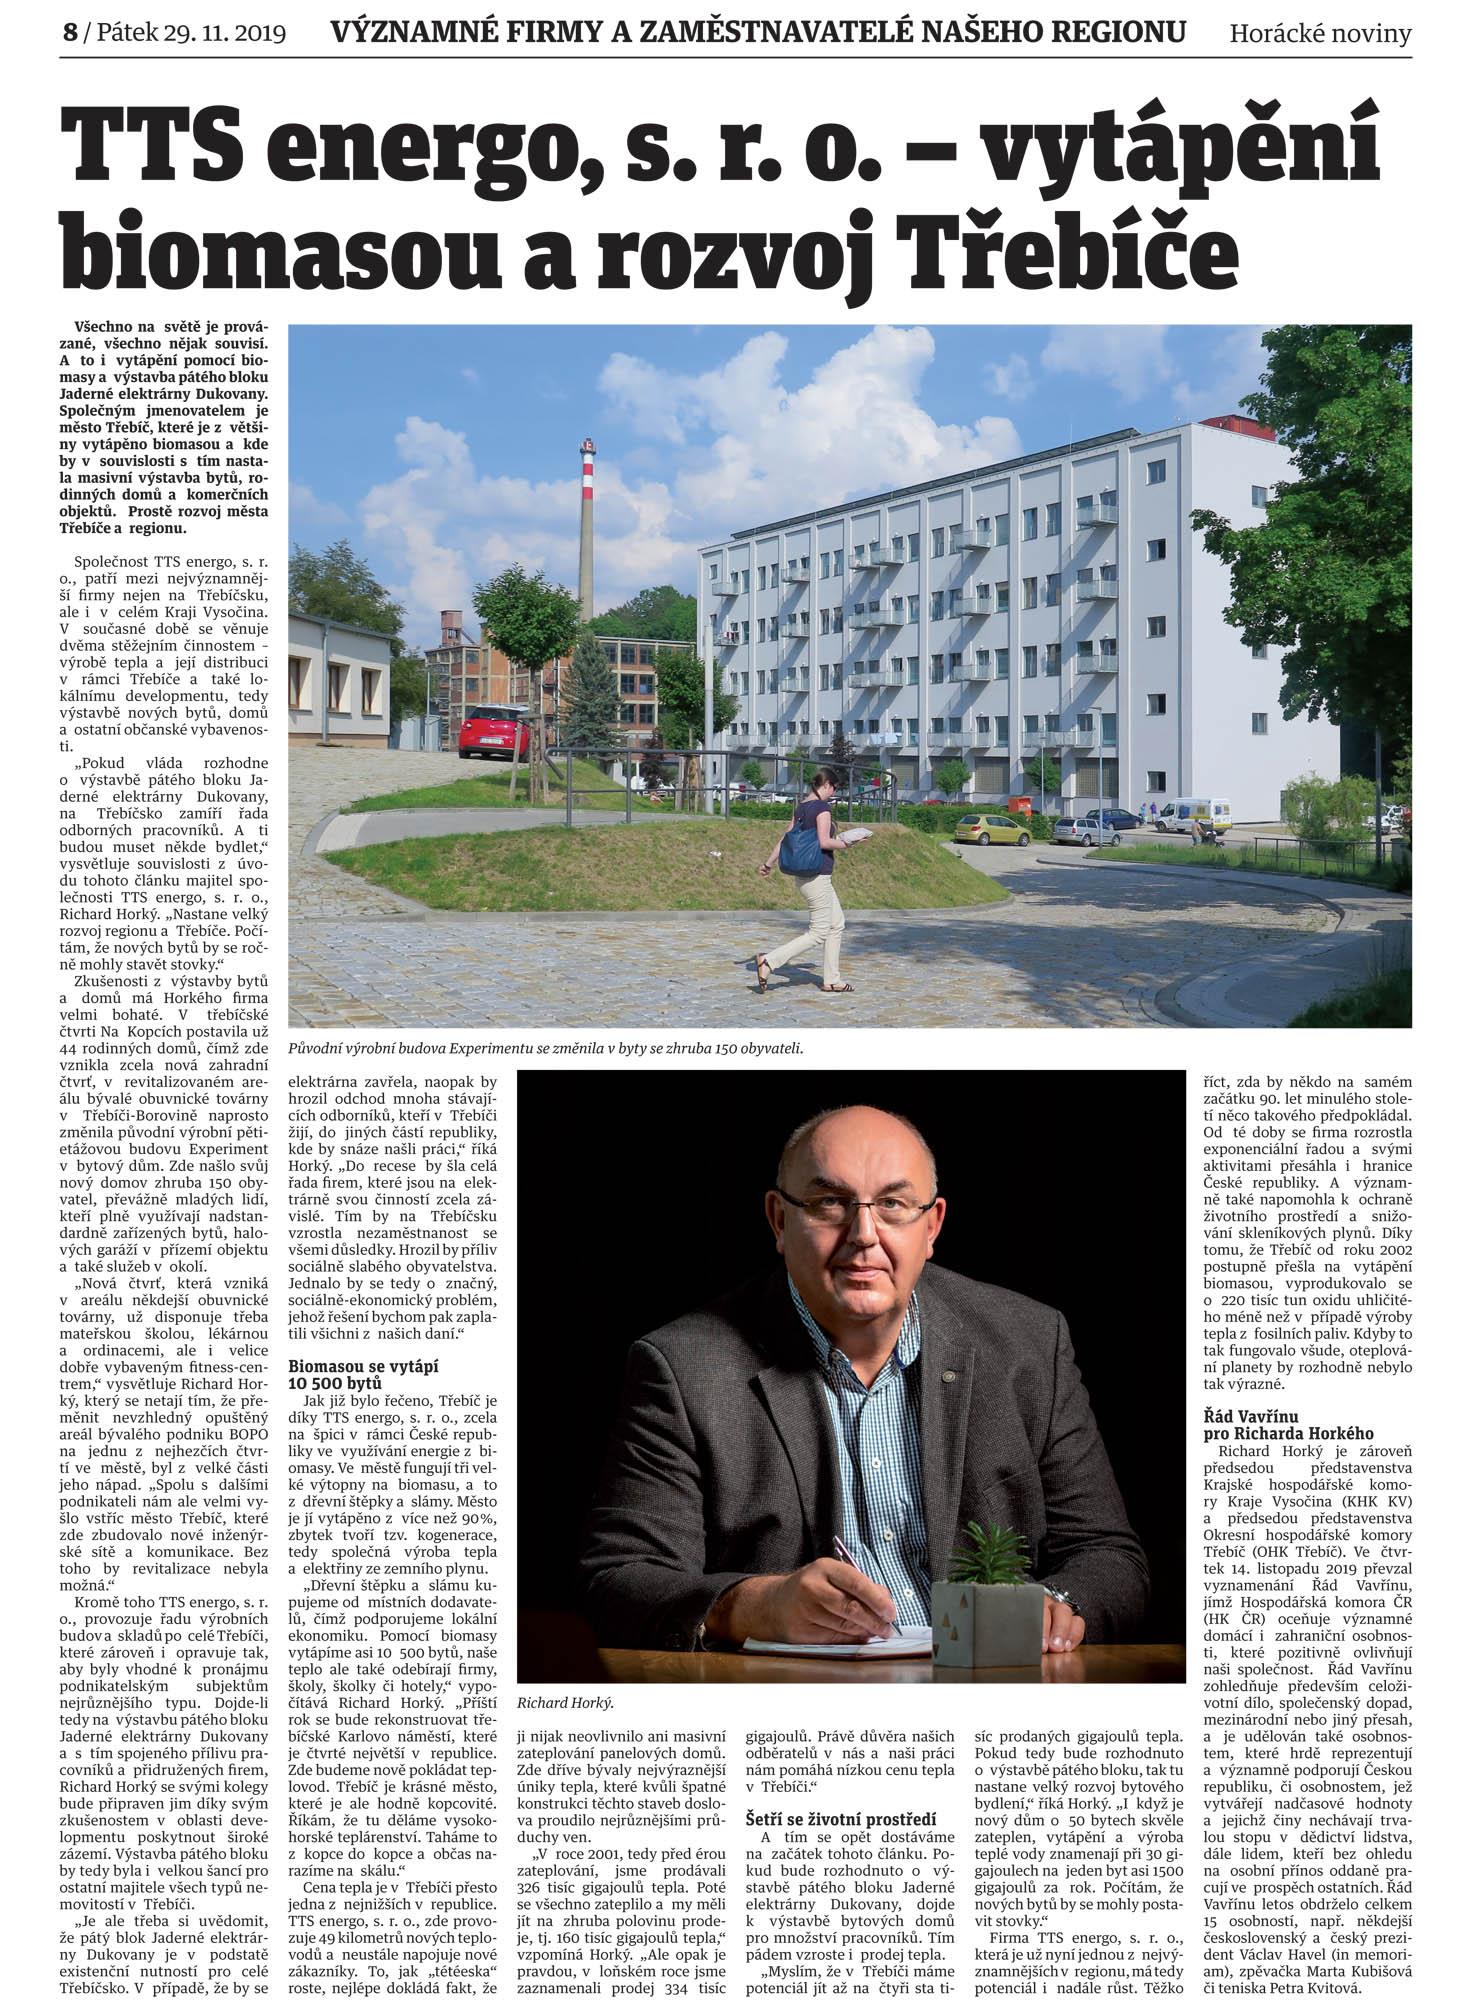 Horácké noviny - TTS energo - významné firmy regionu